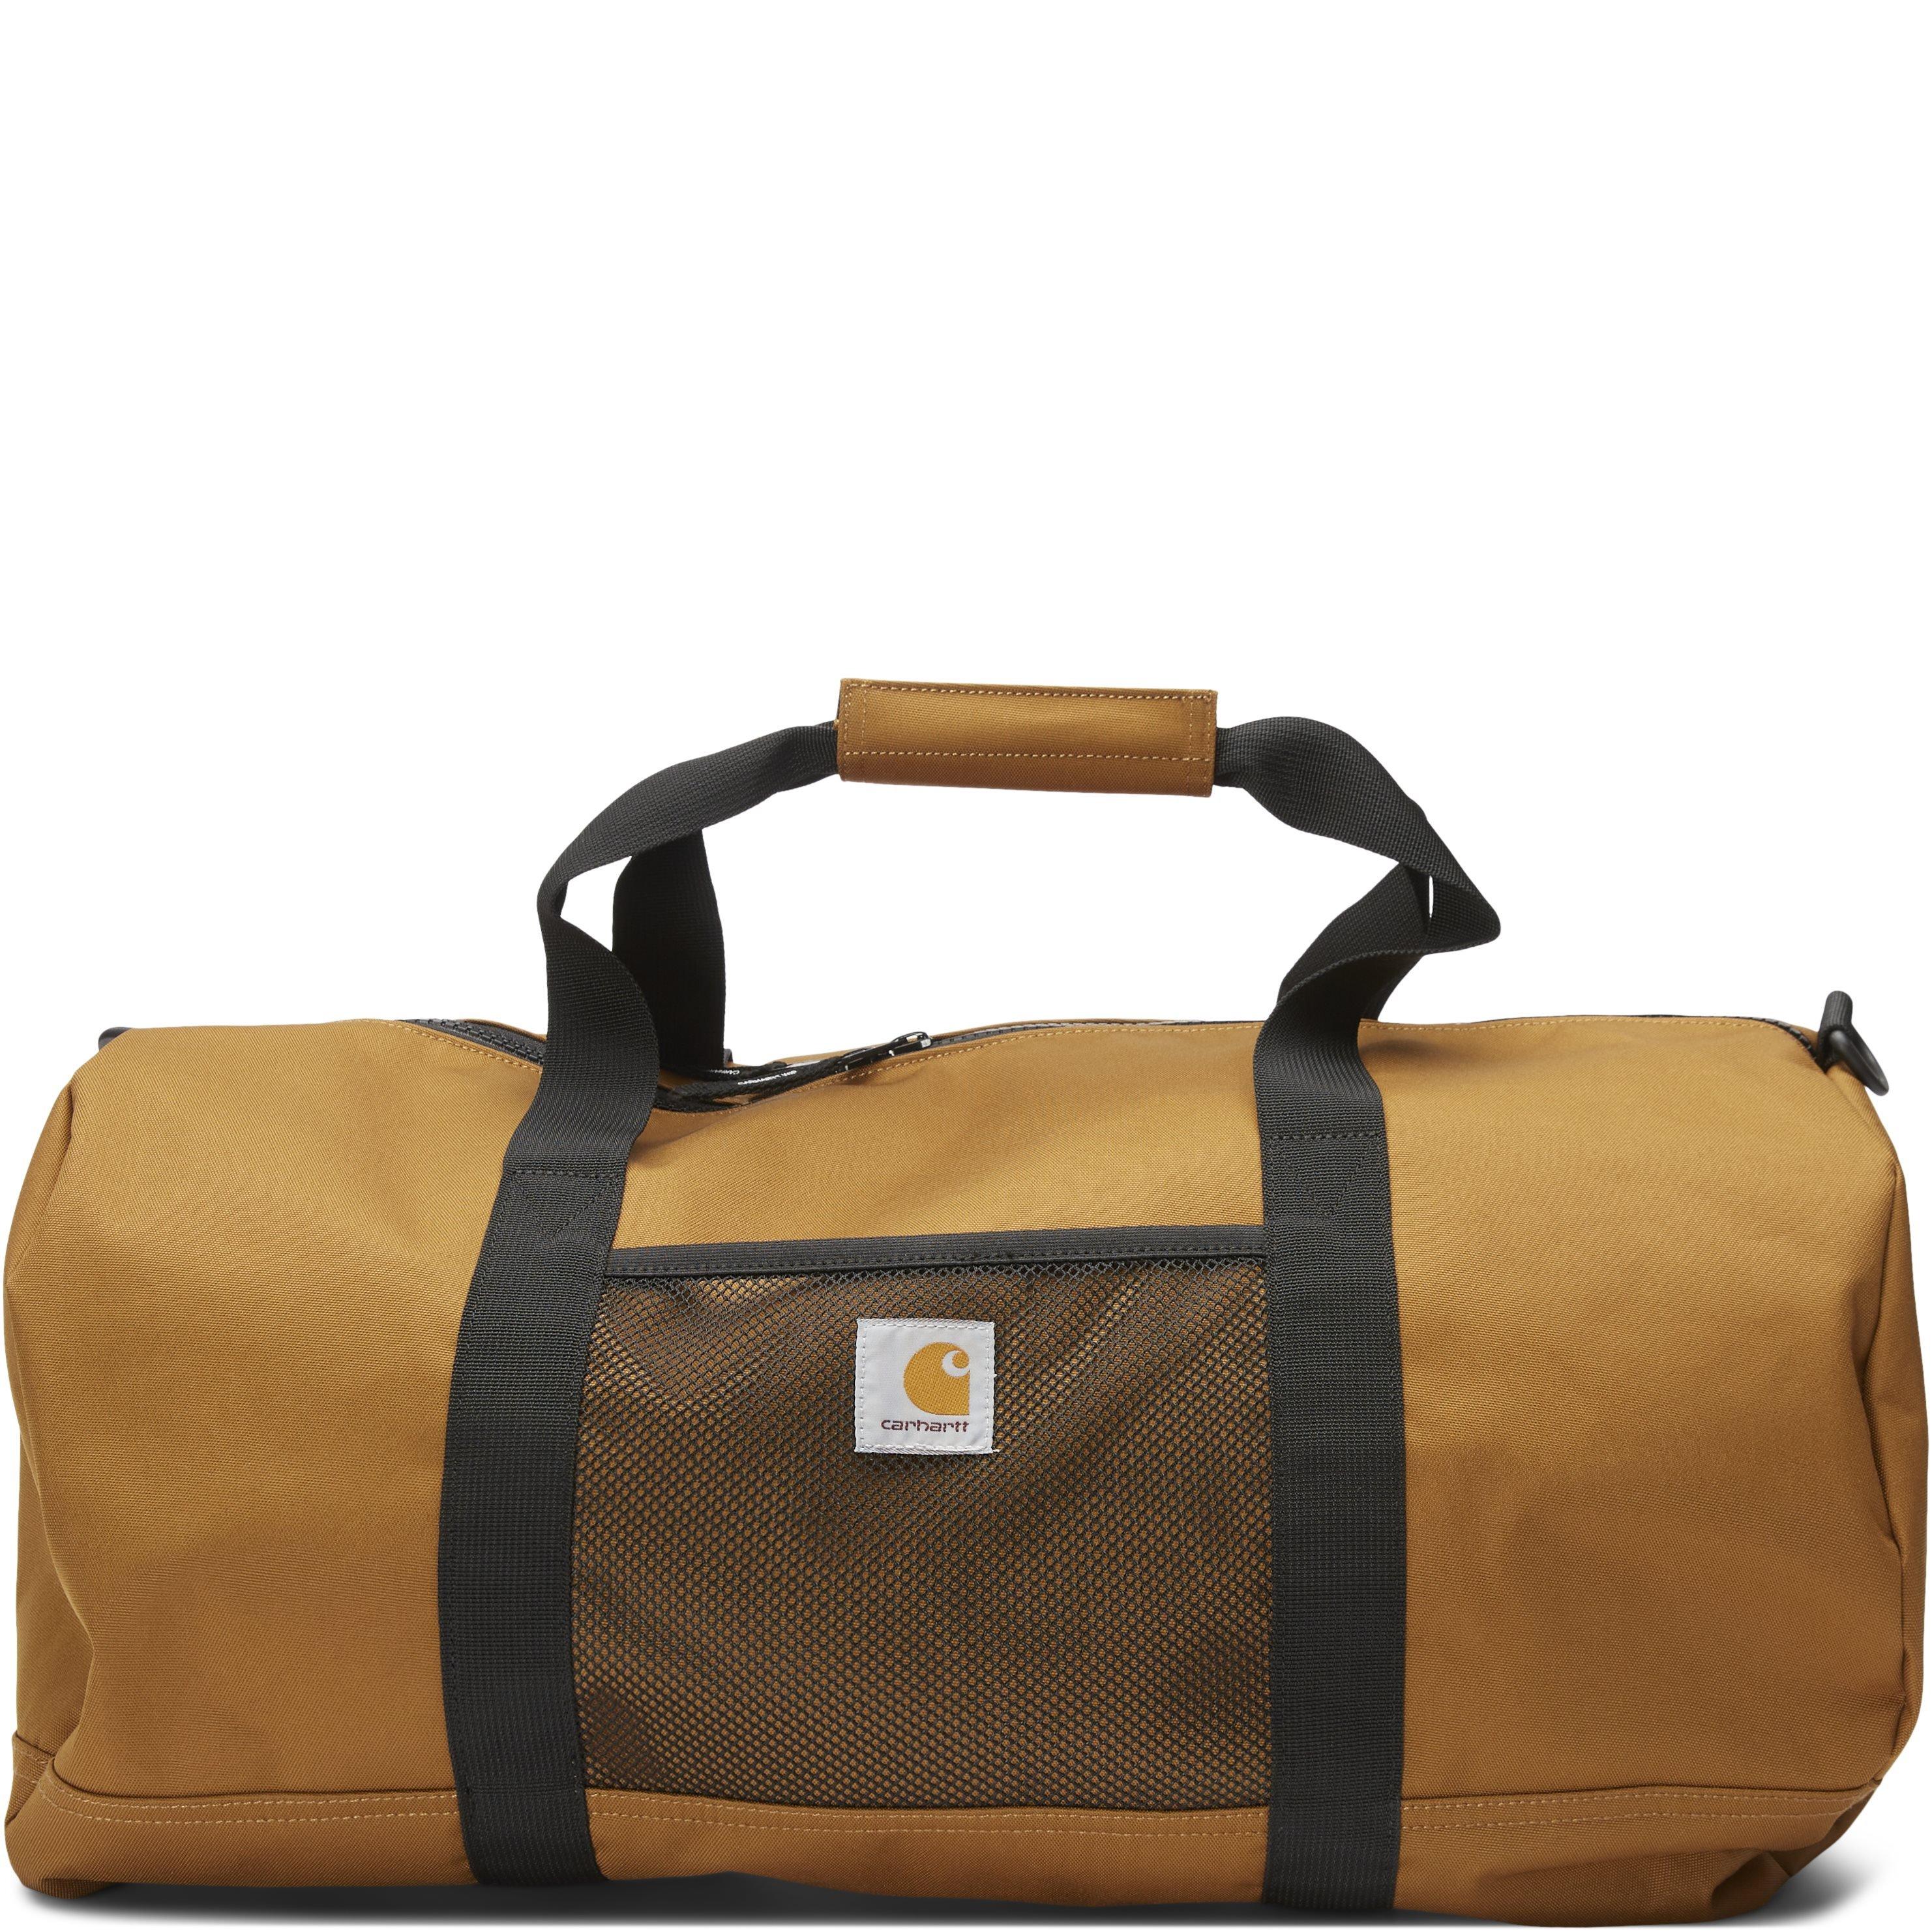 Wright Duffle Bag - Tasker - Brun